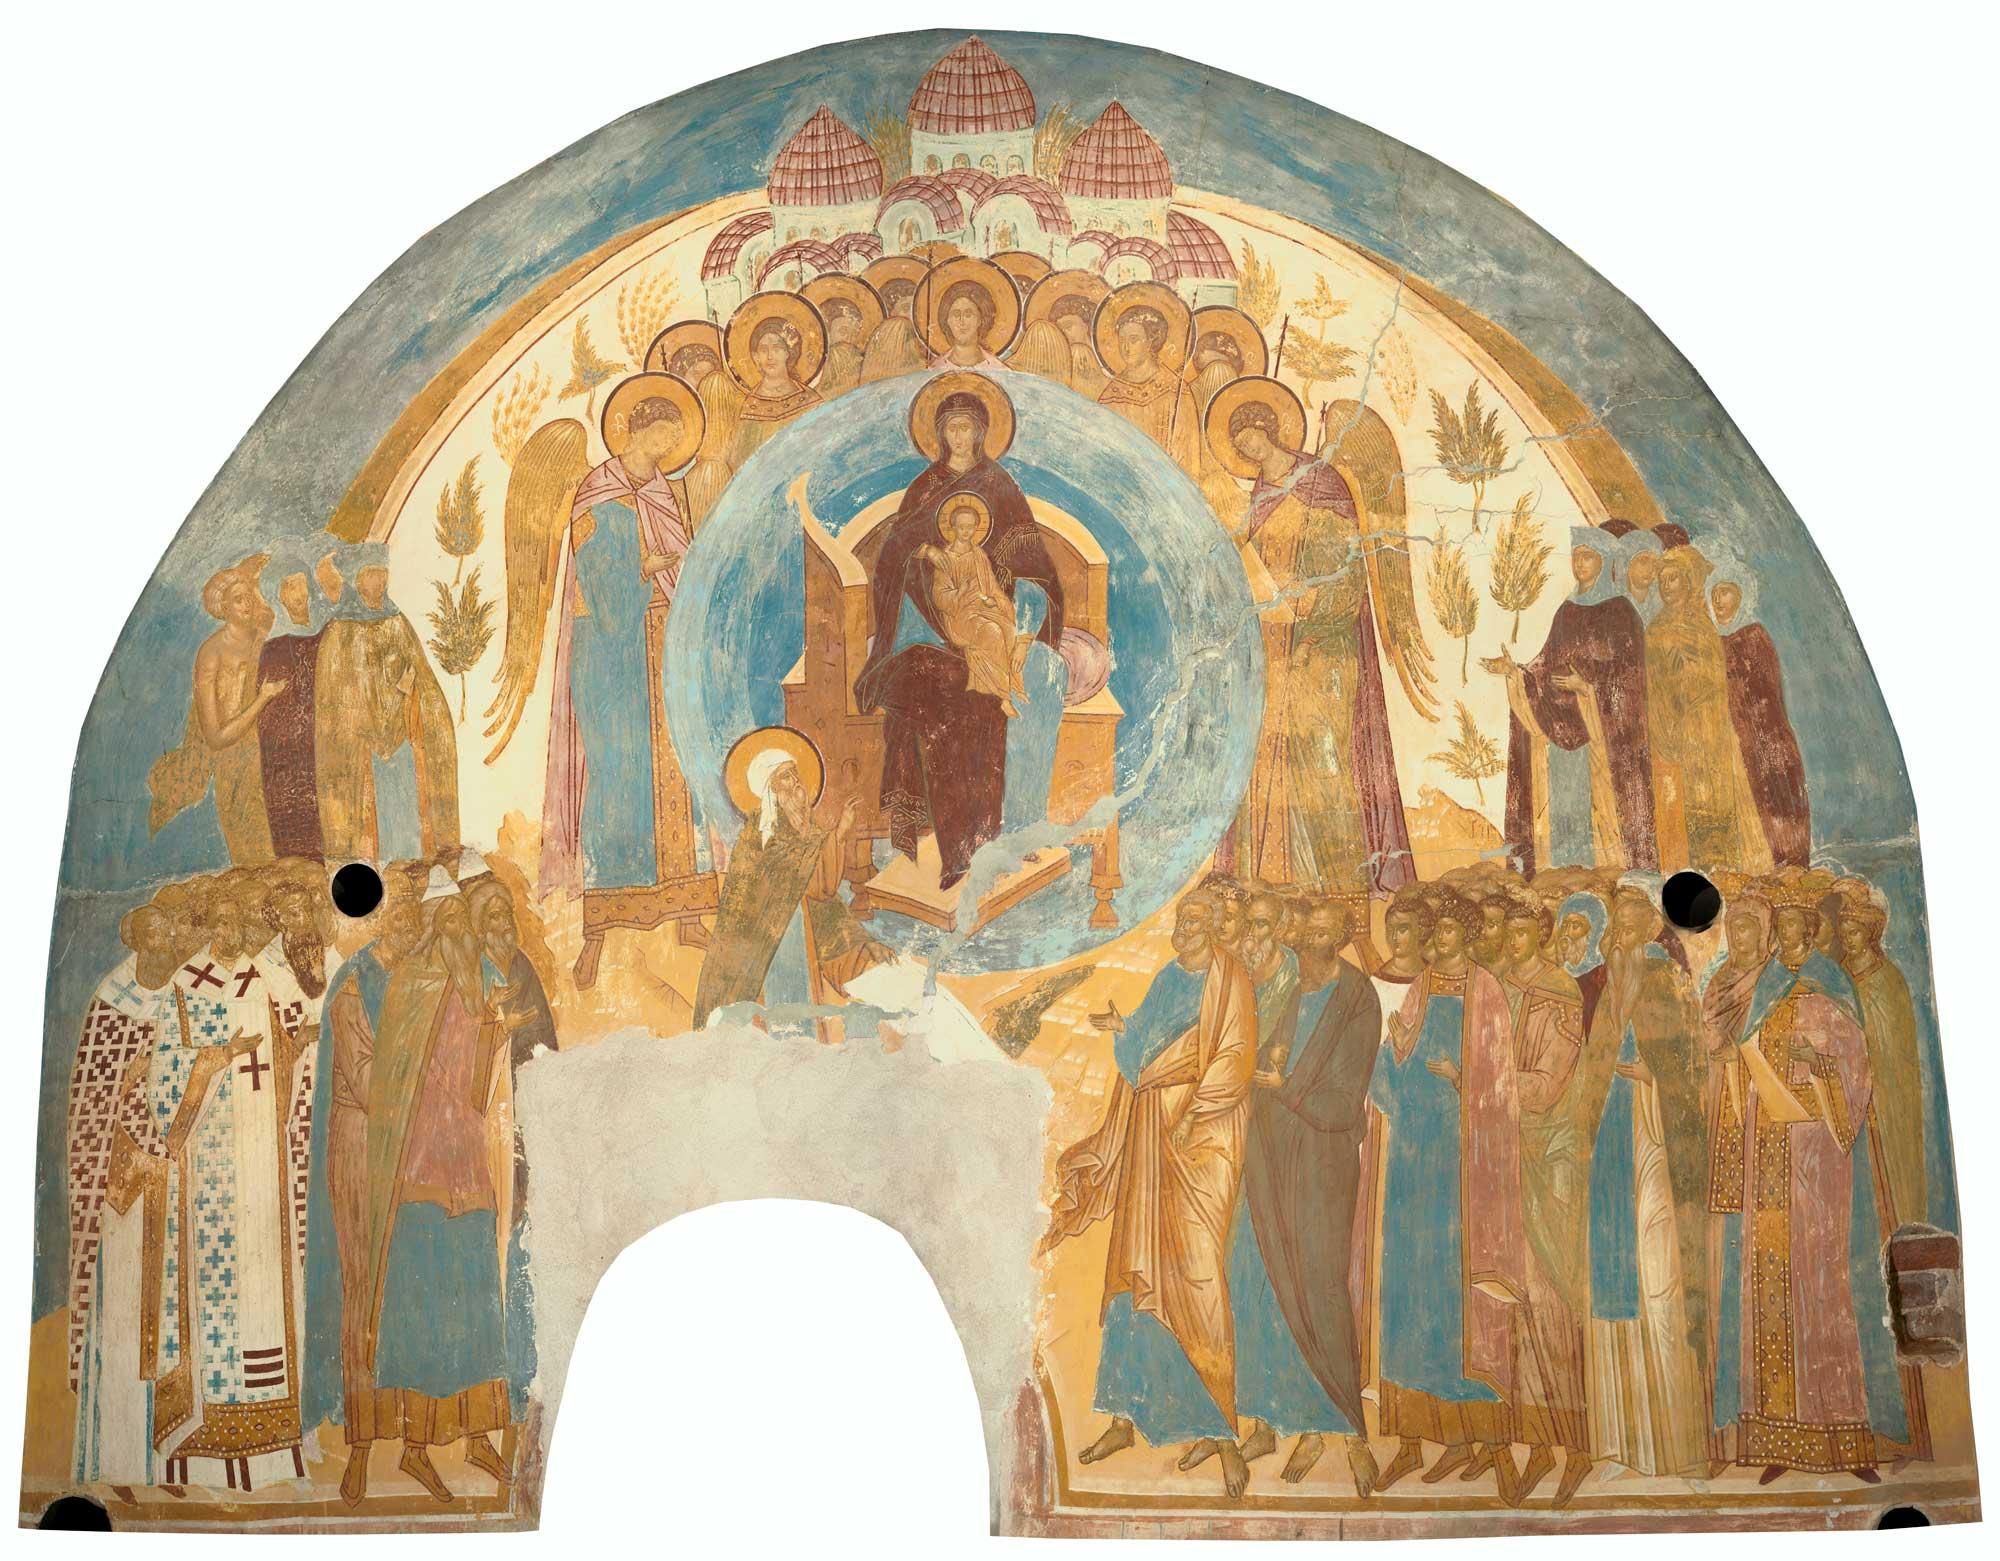 Дионисий - фреска О Тебе радуется, 1502